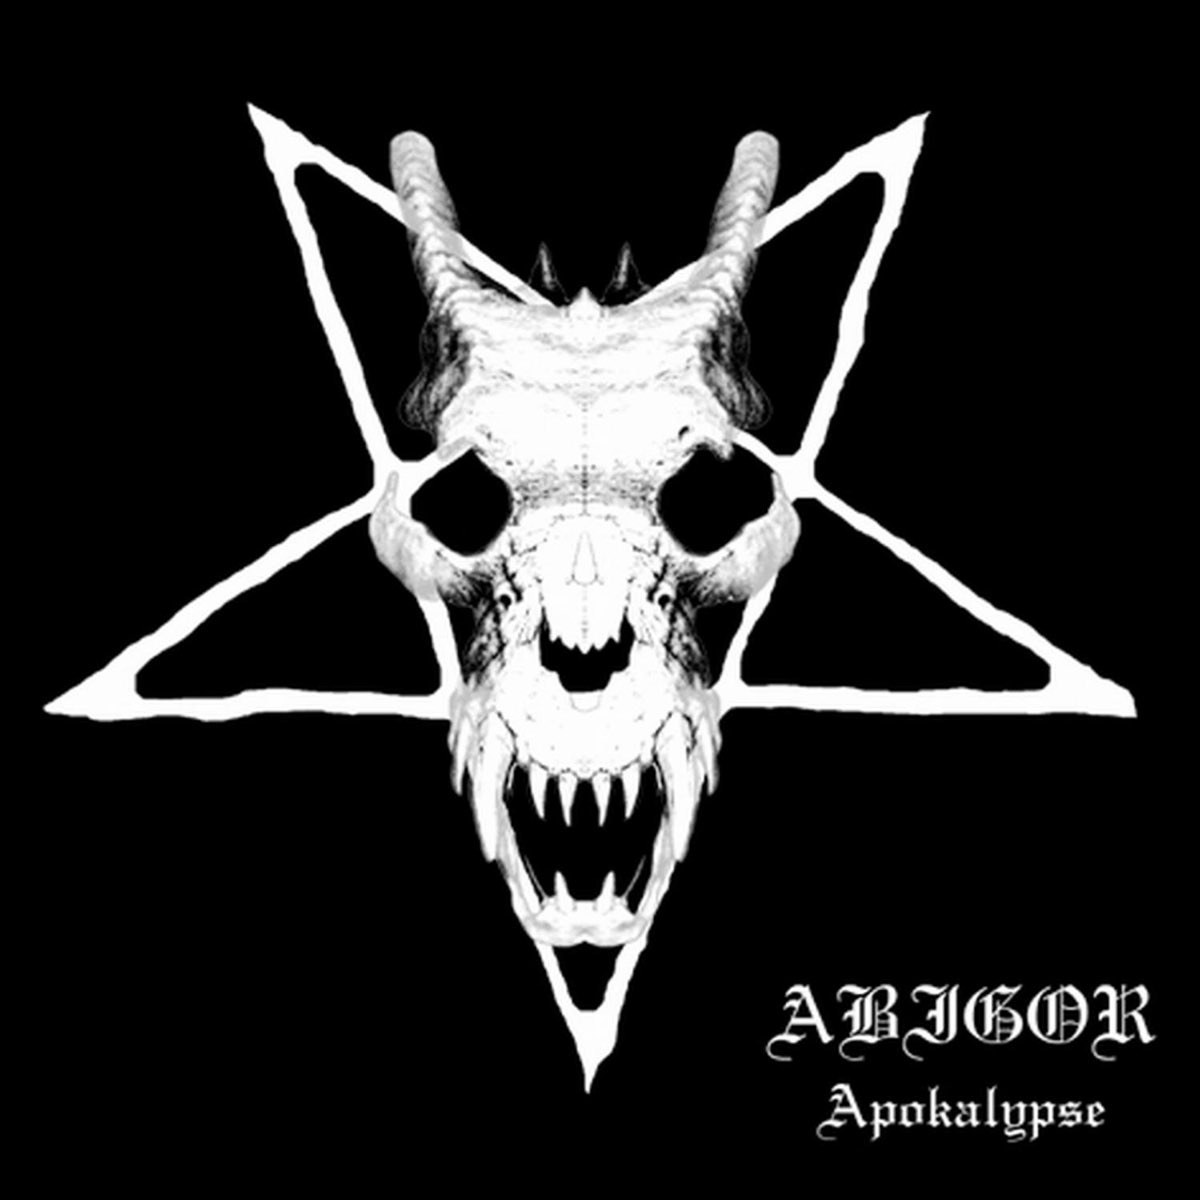 Review for Abigor - Apokalypse